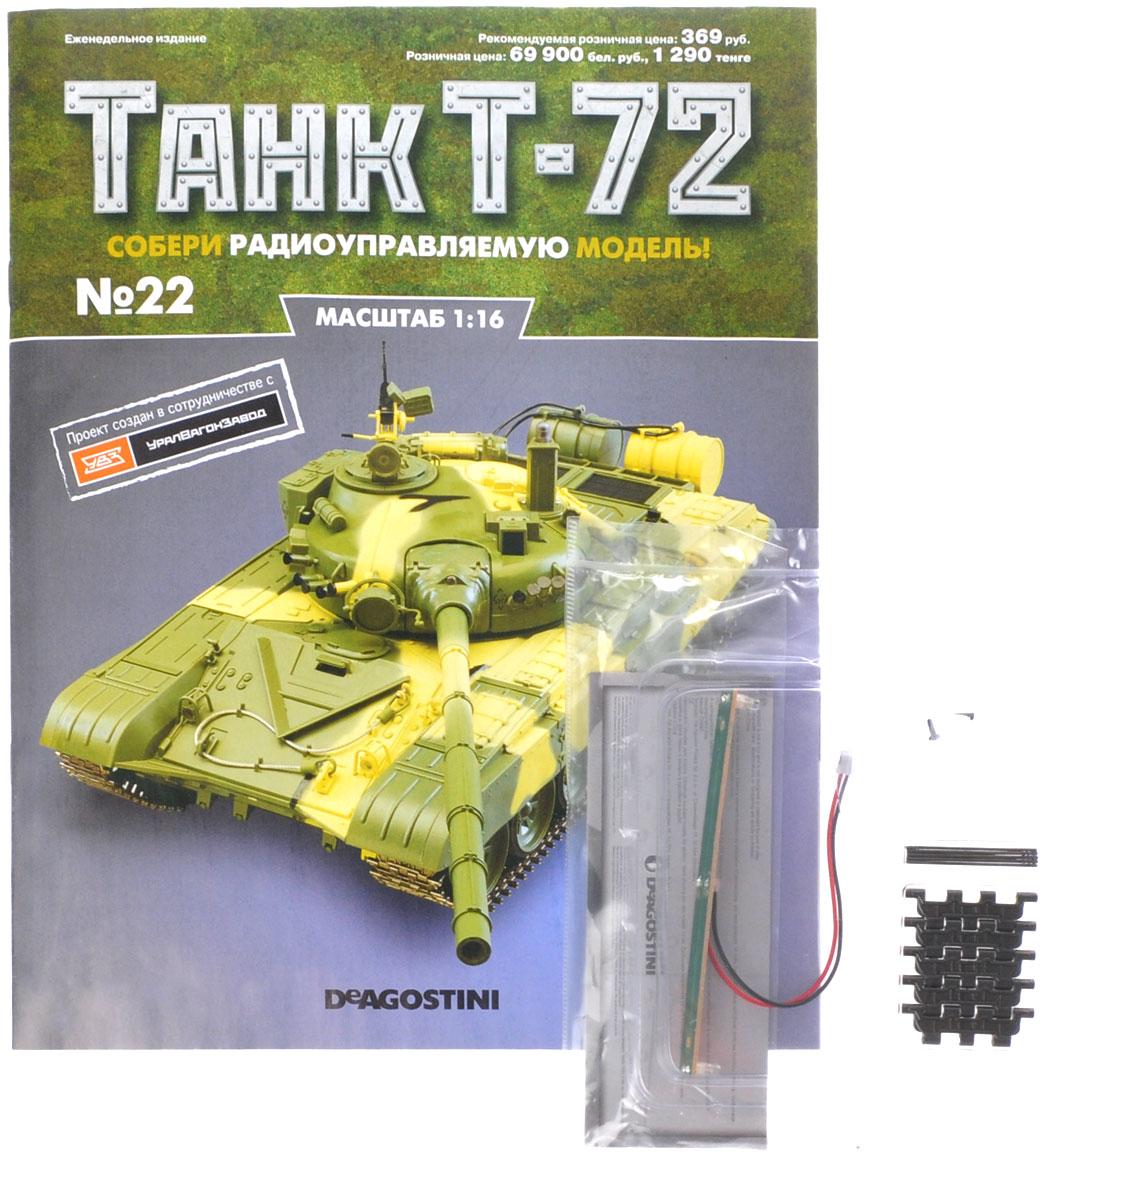 Журнал Танк Т-72 №22TRC022Перед вами - журнал из уникальной серии партворков Танк Т-72 с увлекательной информацией о легендарных боевых машинах и элементами для сборки копии танка Т-72 в уменьшенном варианте 1:16. У вас есть возможность собственноручно создать высококачественную модель этого знаменитого танка с достоверным воспроизведением всех элементов, сохранением функций подлинной боевой машины и дистанционным управлением. В комплекте траки, штифты, а также плата со светодиодами для передних фар, которая устанавливается на верхнюю часть корпуса. Категория 16+.